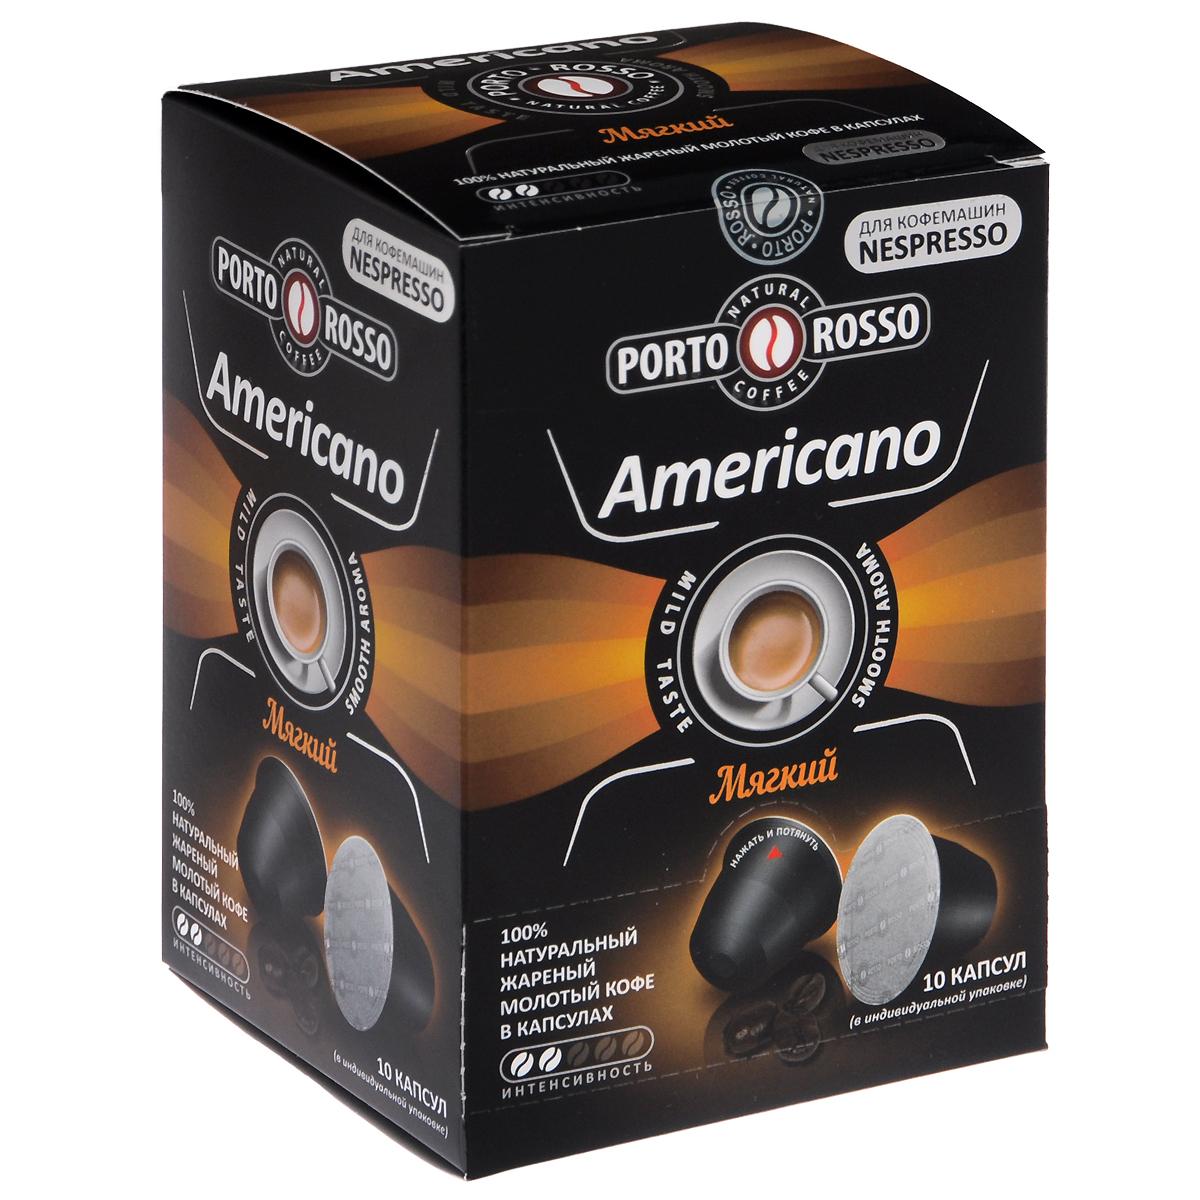 Porto Rosso Americano кофейные капсулы0120710Натуральный жареный молотый кофе в капсулах Porto Rosso Americano. Лёгкая золотистая обжарка подчёркивает мягкий вкус с фруктовыми нотками и соблазнительный аромат арабики из Центральной Америки. Создан специально для ценителей деликатного вкуса кофе. Этот напиток идеально завершит вечер и подойдёт к любому десерту.